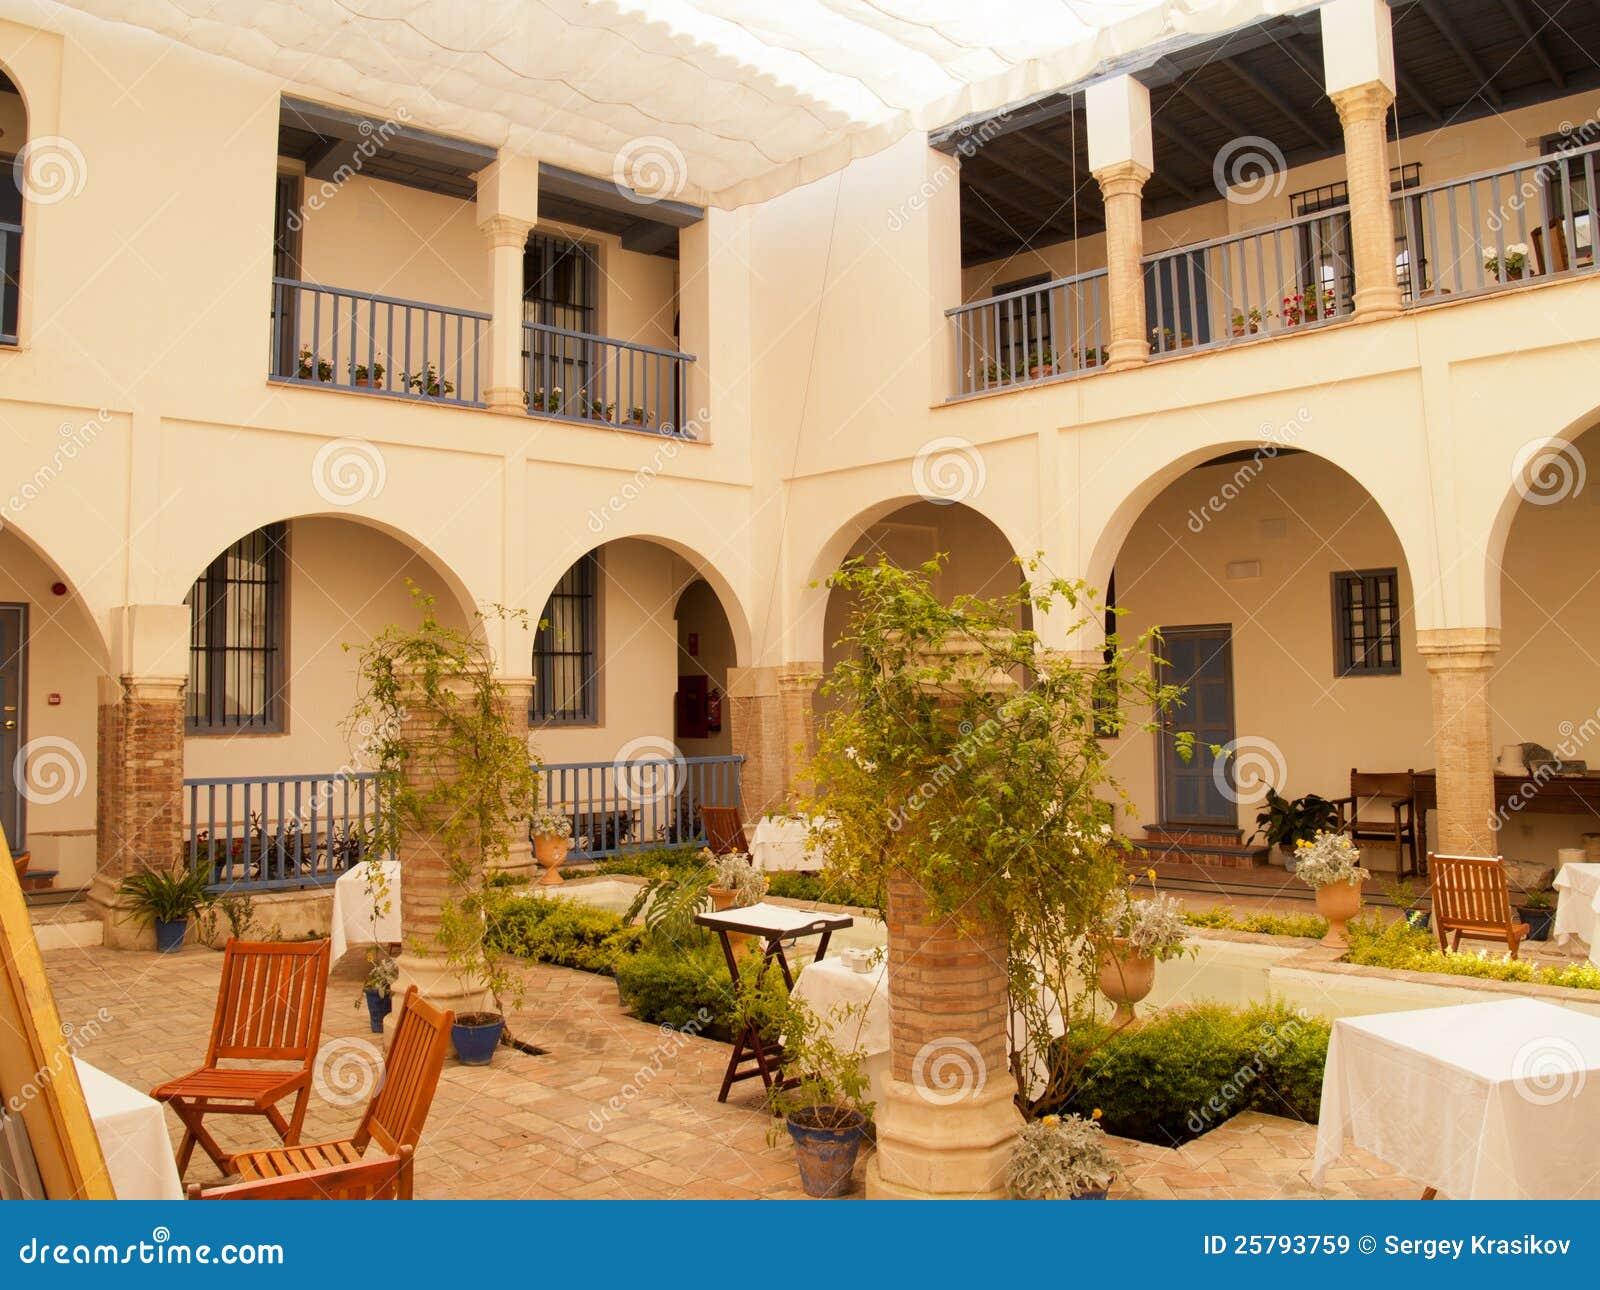 Giardino interno patio della casa storica a cordova for Interno della casa